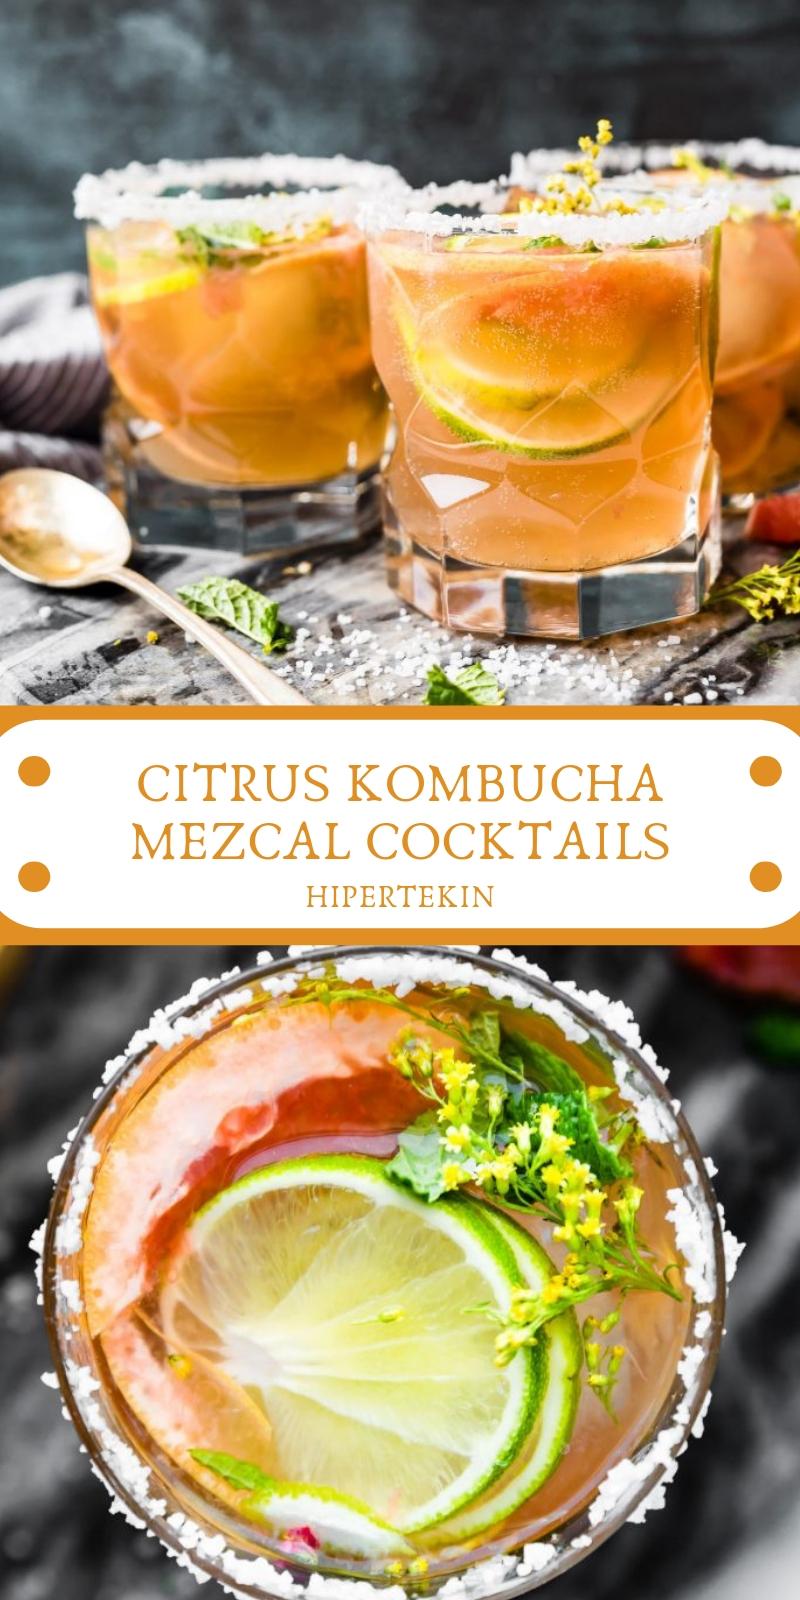 CITRUS KOMBUCHA MEZCAL COCKTAILS